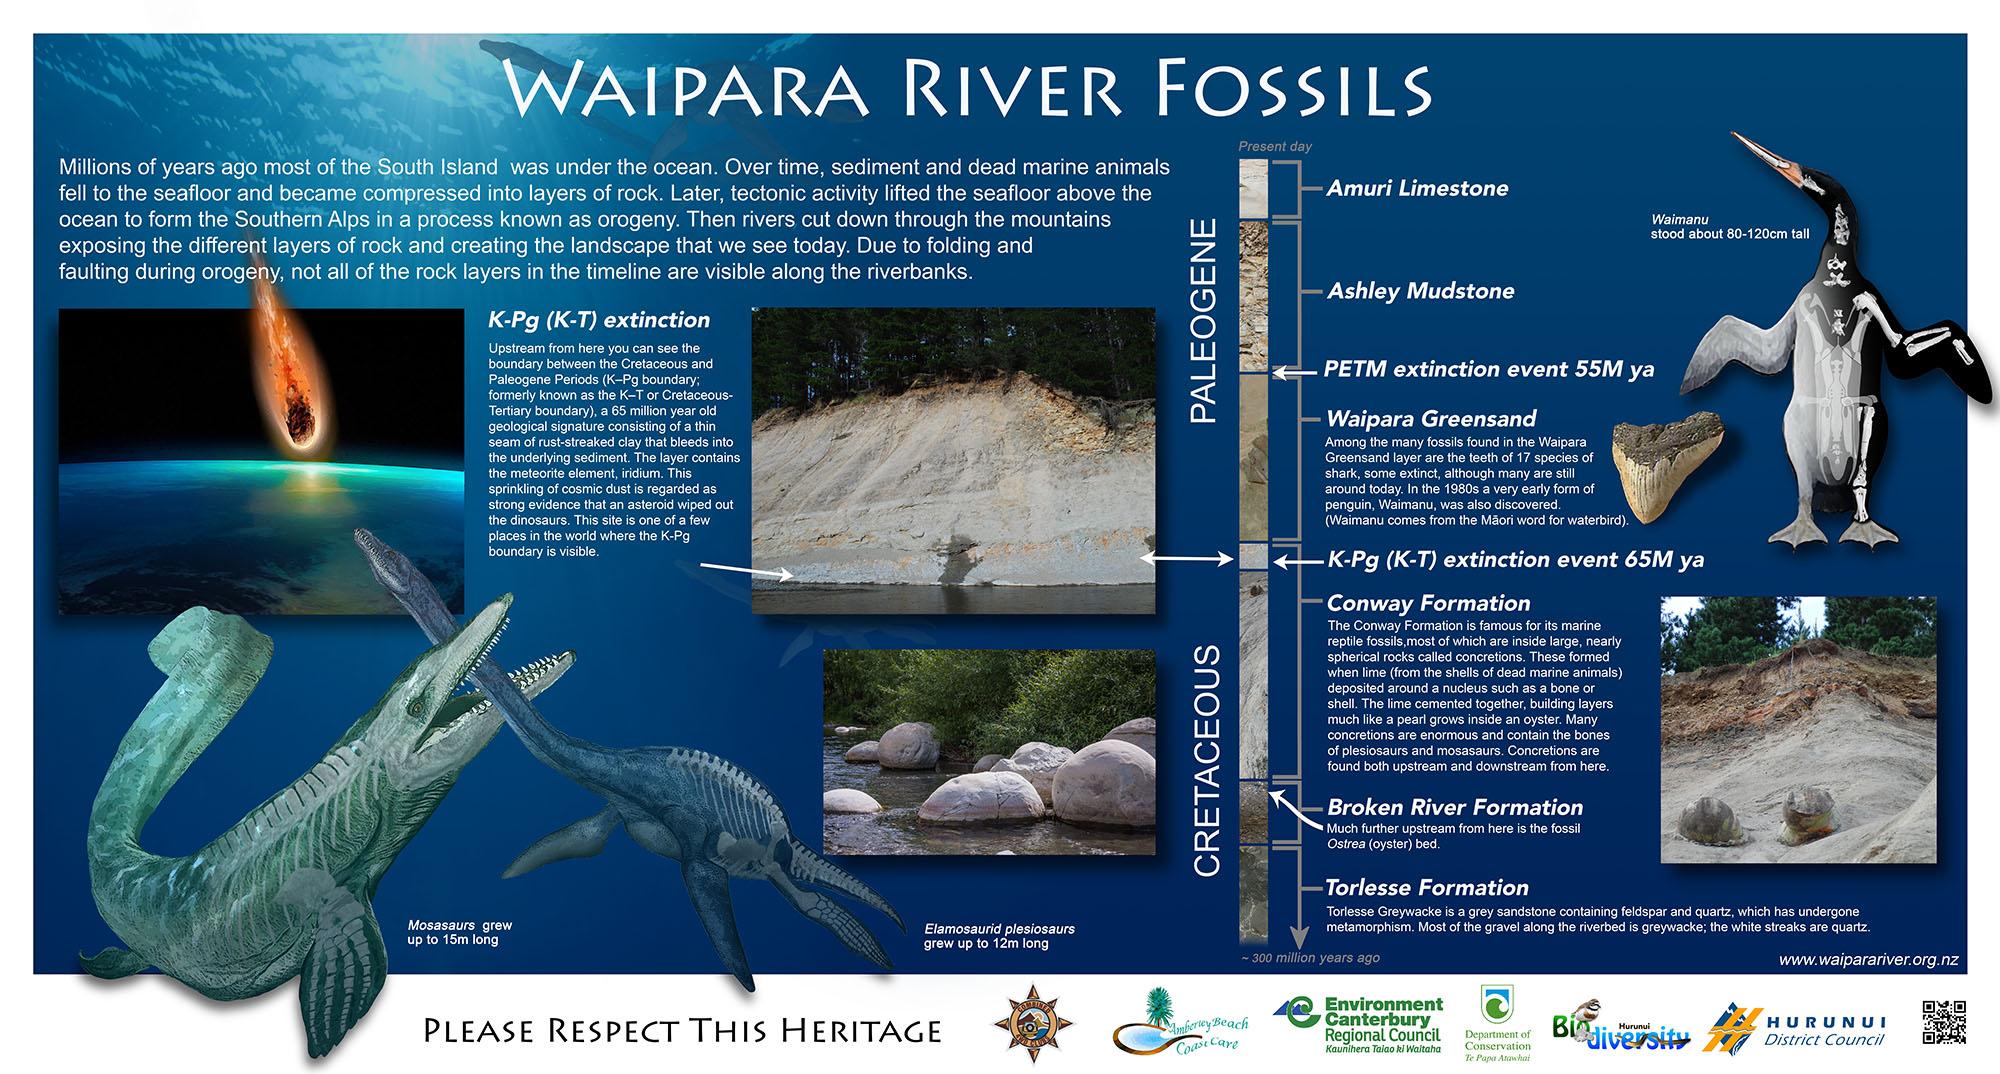 waipara river fossils